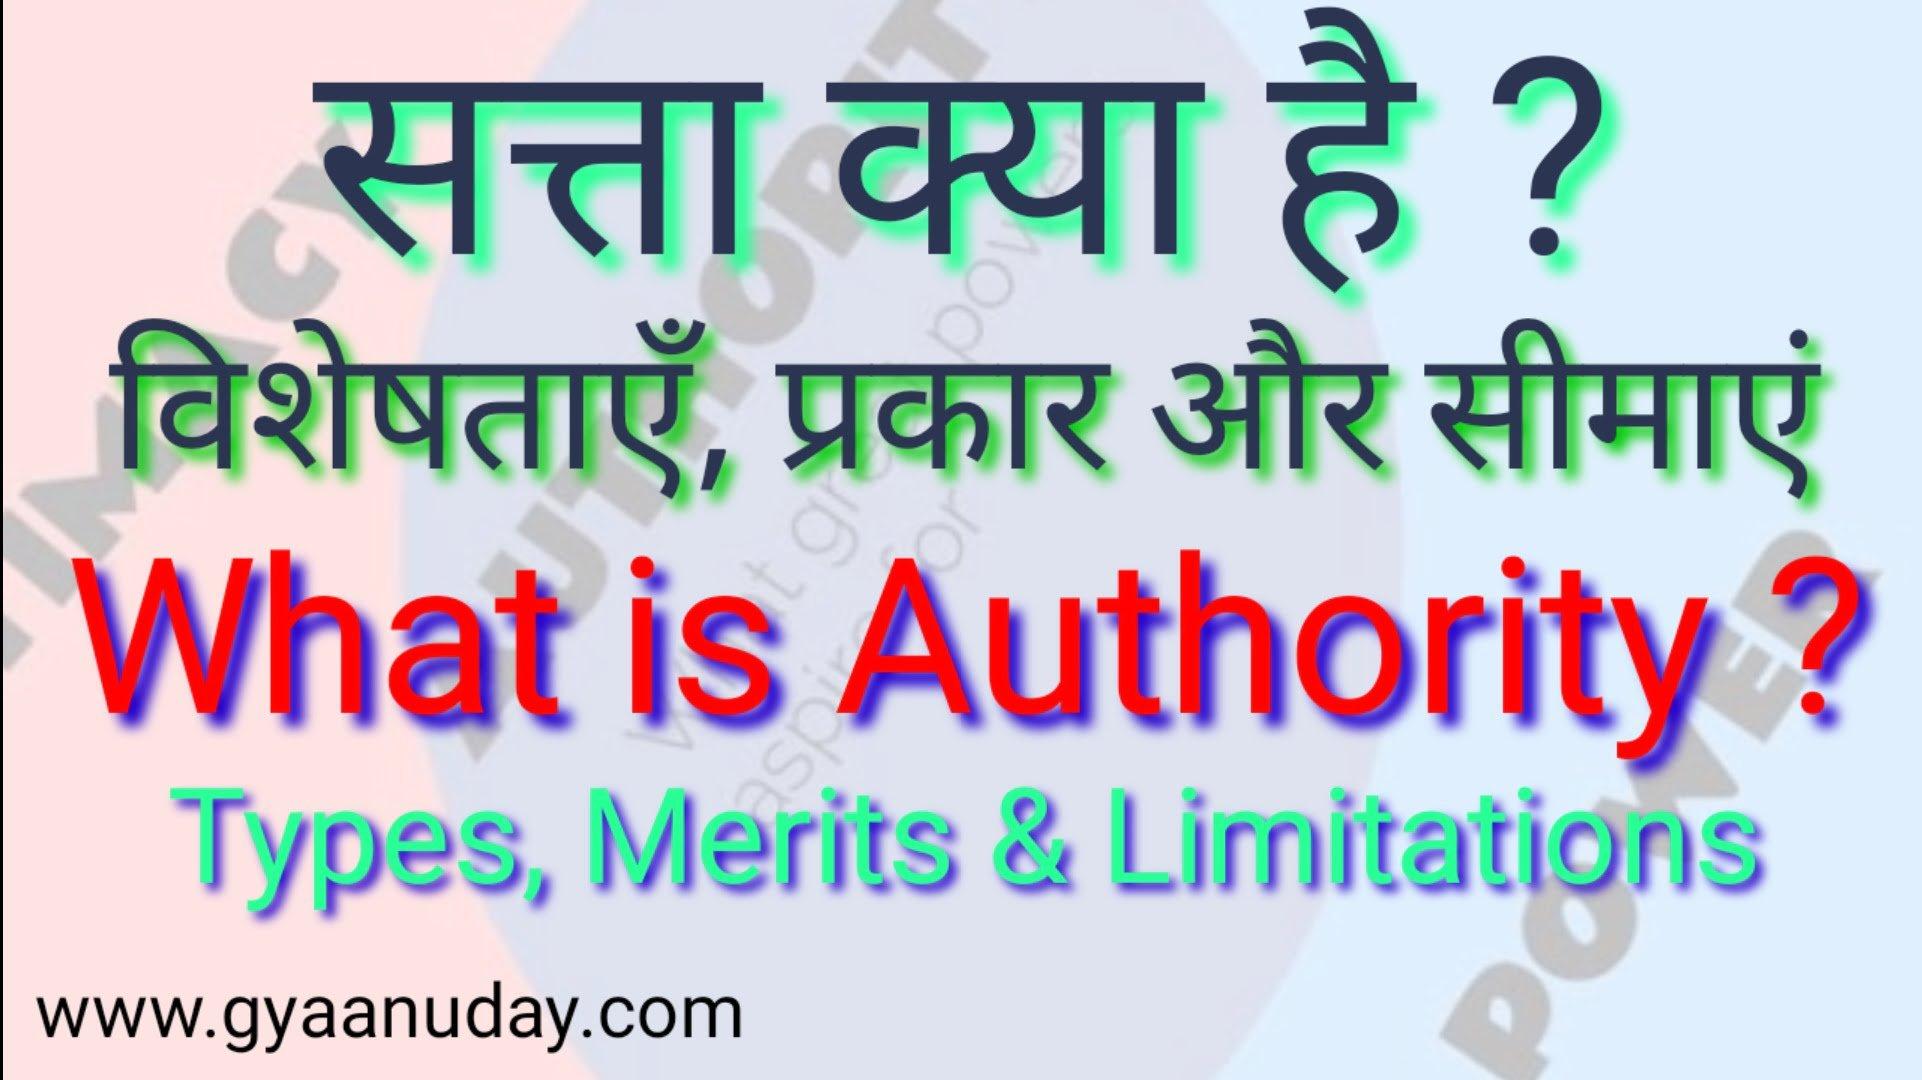 सत्ता क्या है; विशेषताएं, प्रकार औऱ सीमाएं